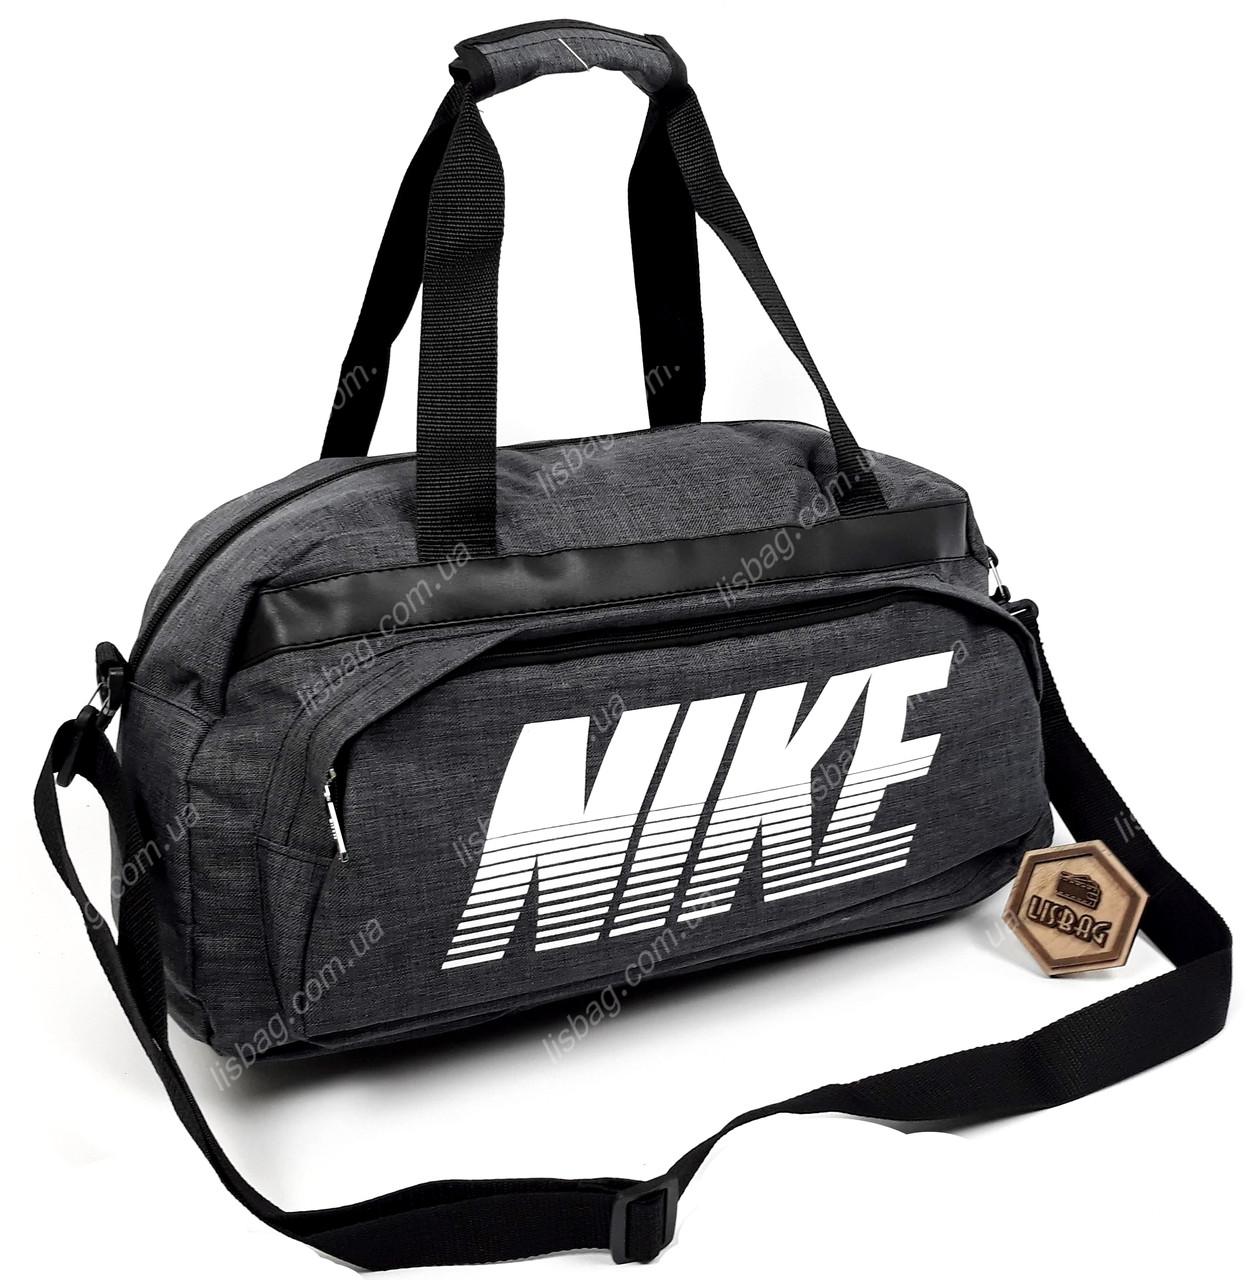 11814643ece6 Большая спортивная\дорожная сумка Nike реплика , Серая: продажа ...